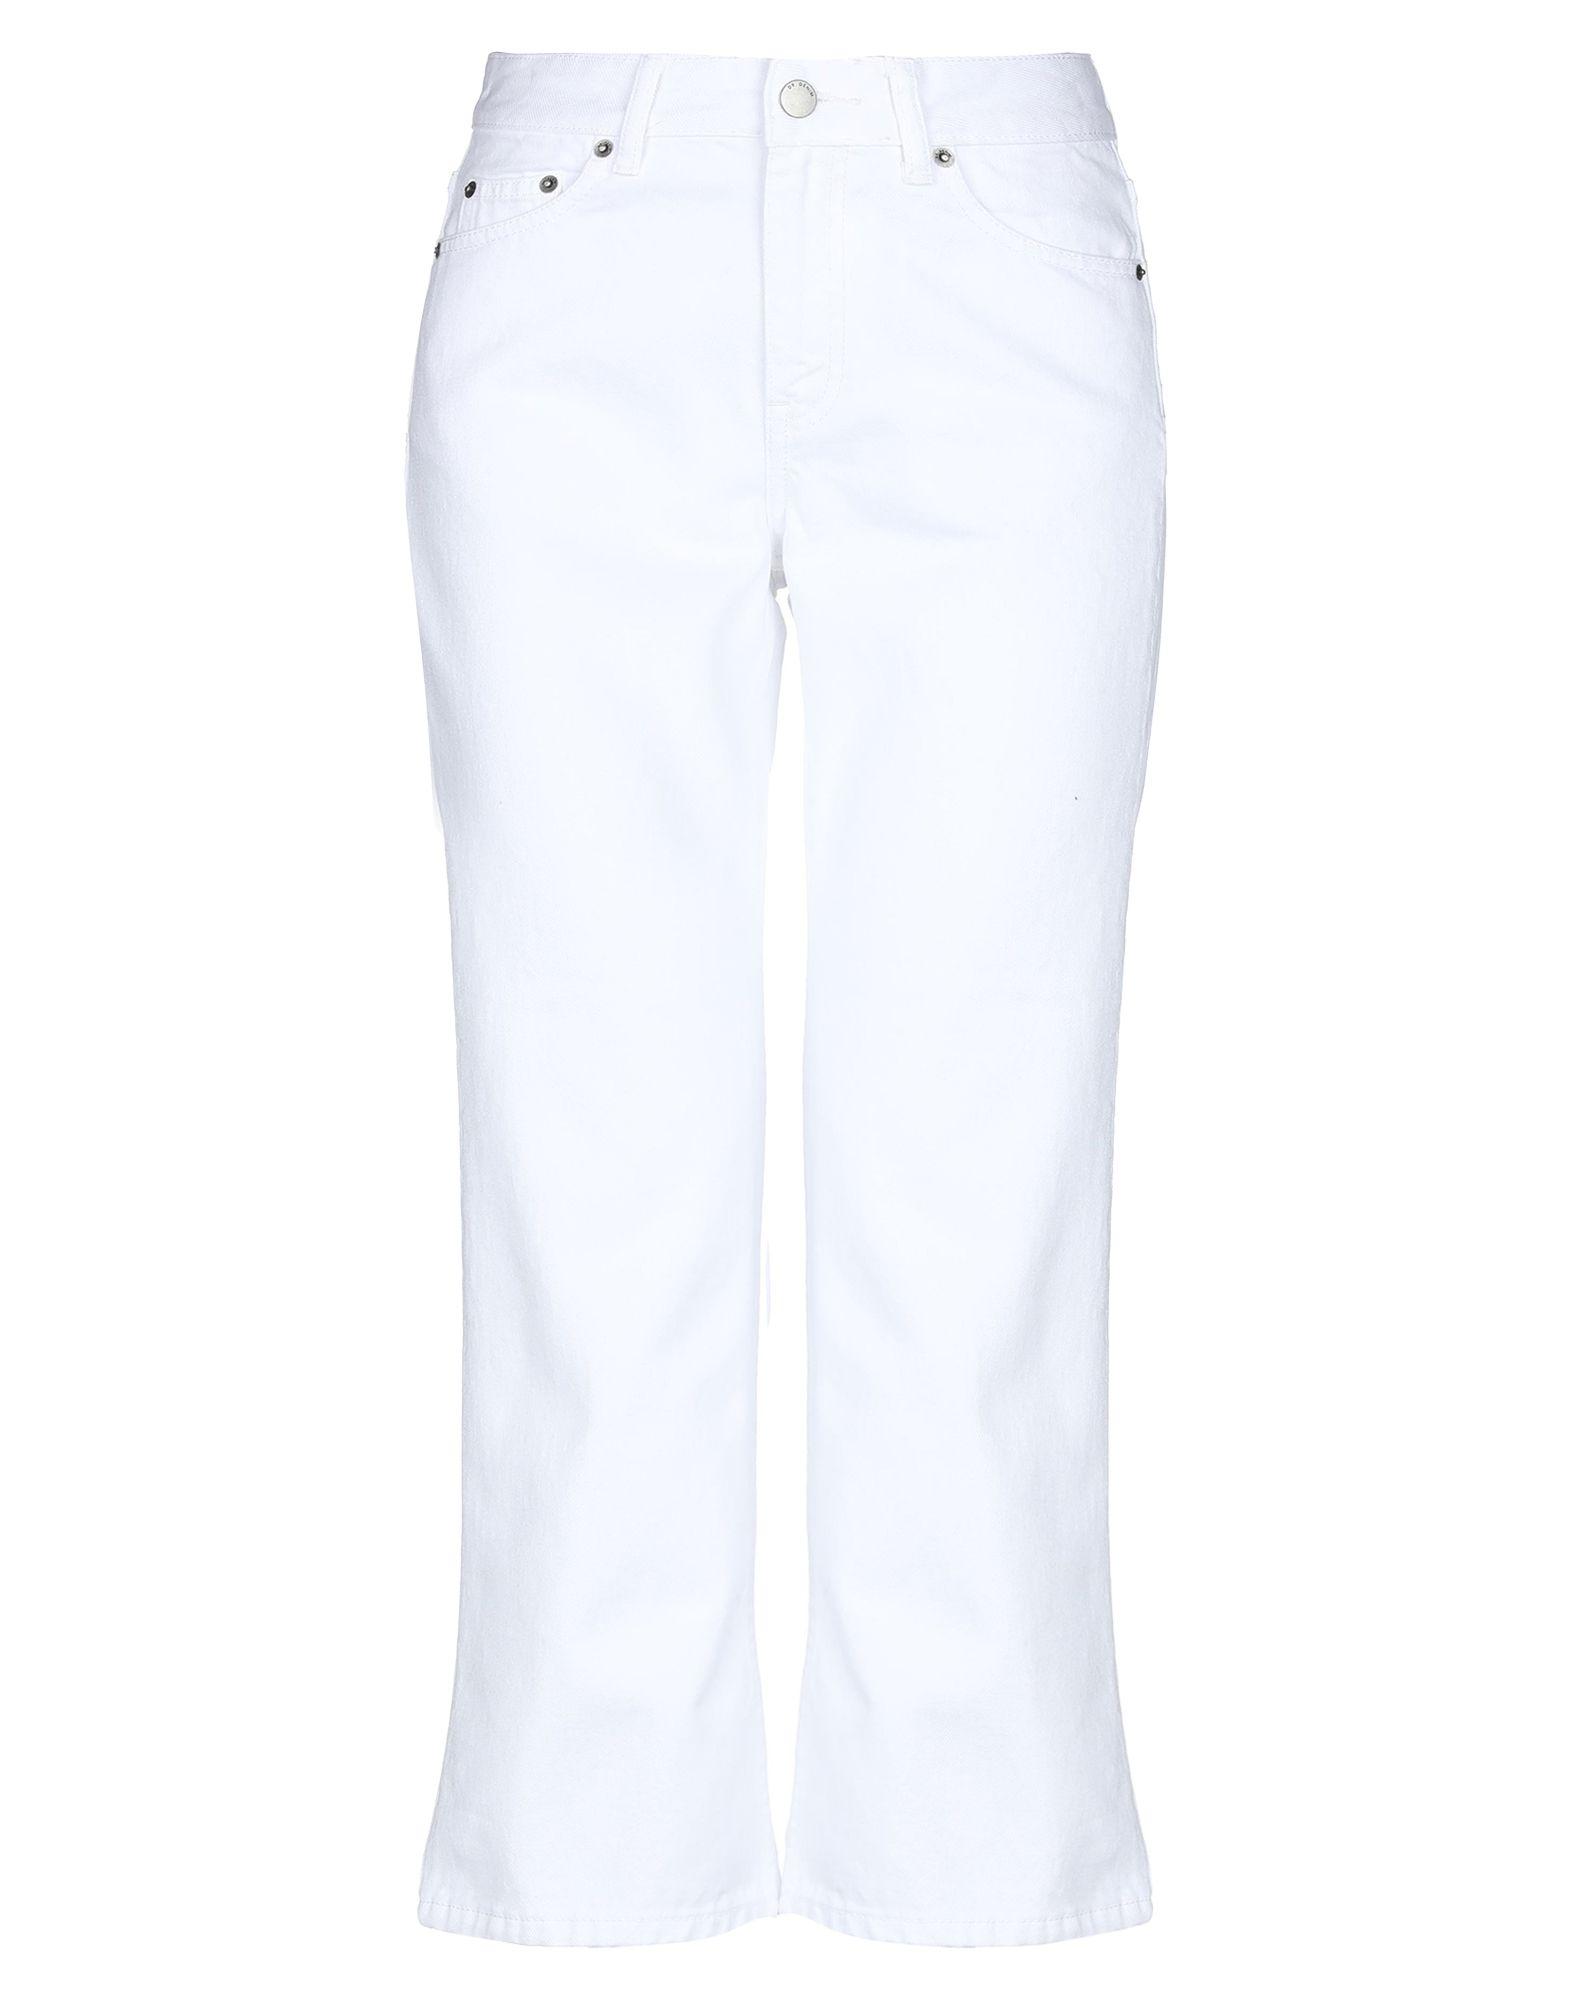 DR. DENIM JEANSMAKERS Джинсовые брюки dr denim jeansmakers джинсовые брюки капри